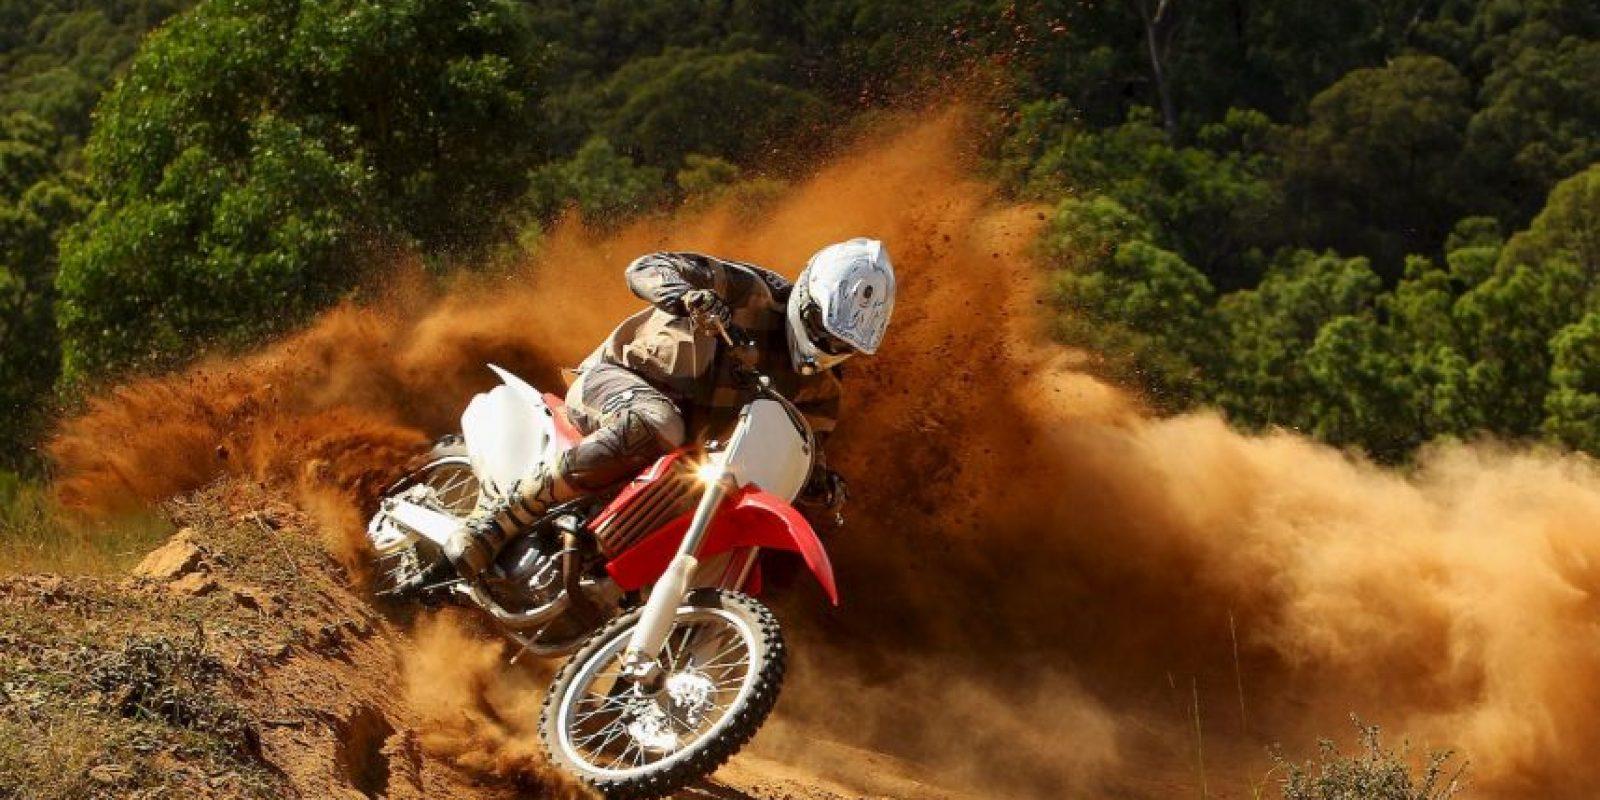 El deporte de motor está de luto: en los últimos días, tres pilotos perdieron la vida. Dos motociclistas y un piloto de Fórmula 1. Foto:Getty Images